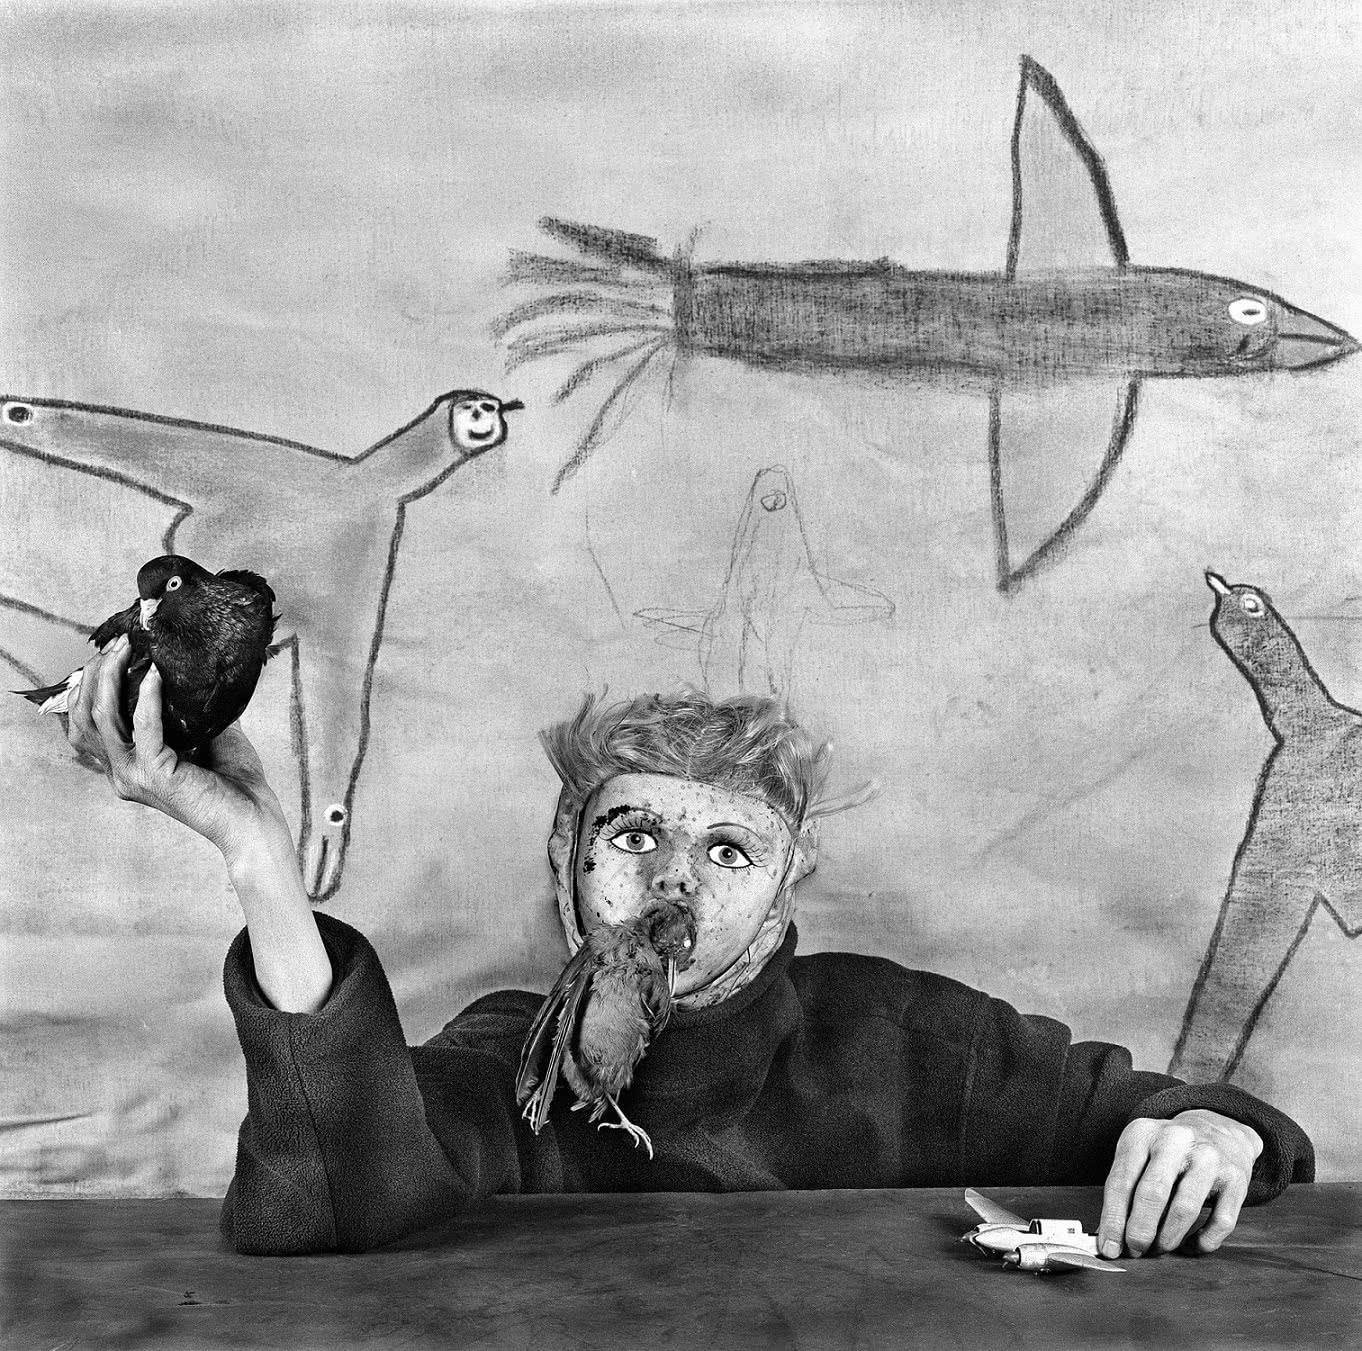 Roger Ballen. Take off. Asylum of the birds. 2012.